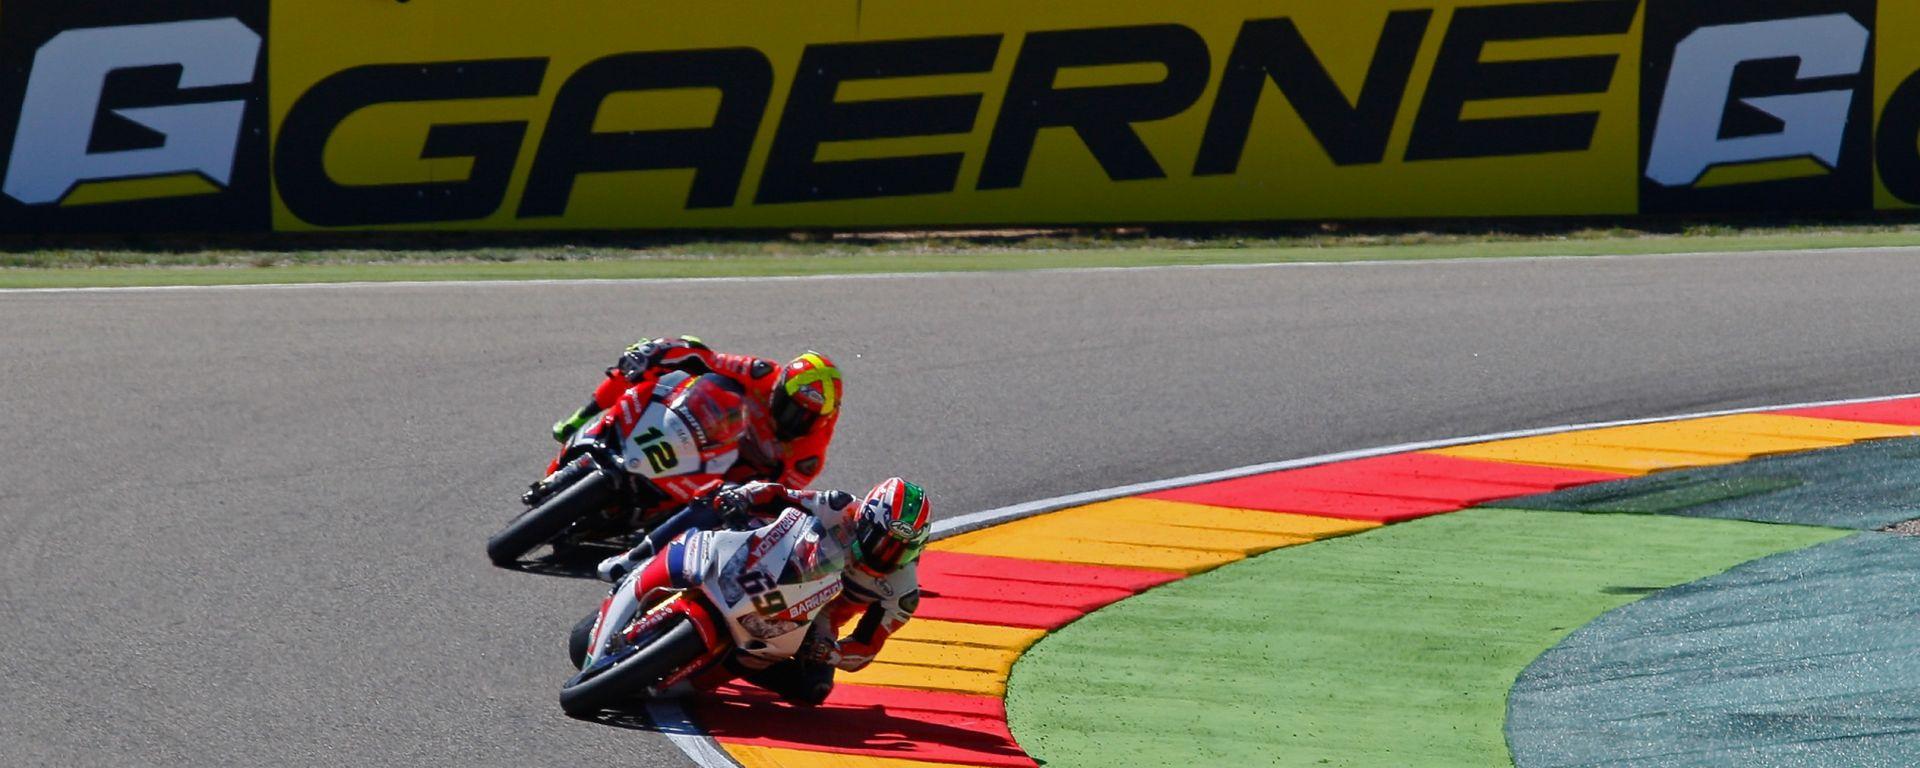 Gaerne diventa un nuovo sponsor del Mondiale Superbike